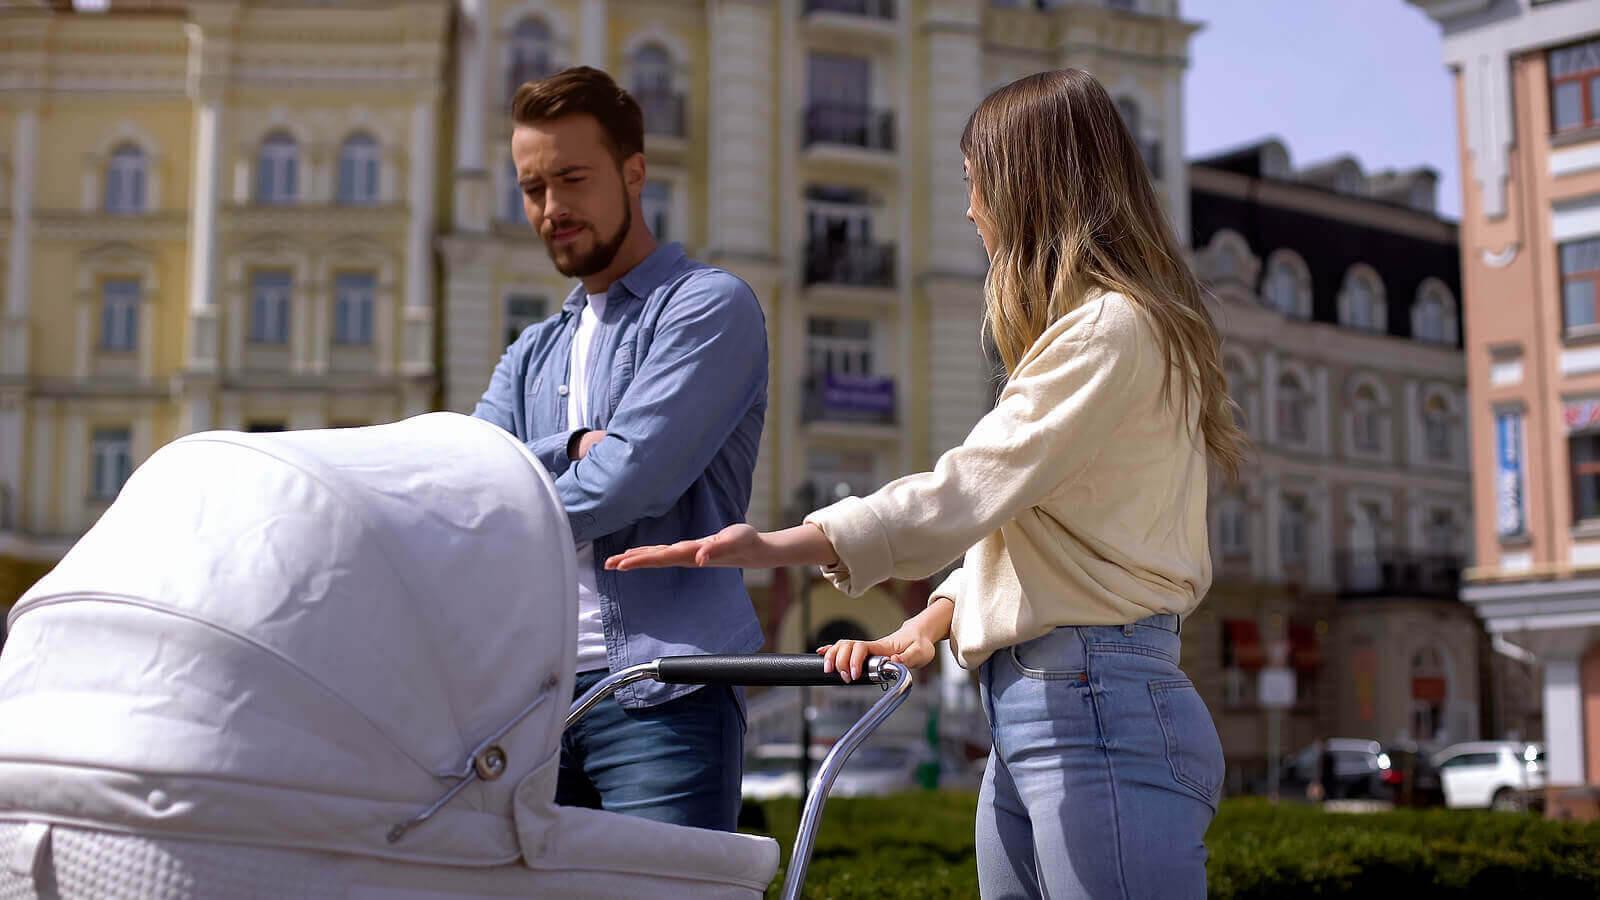 aldrig skulle göra som förälder: föräldrar med barnvagn